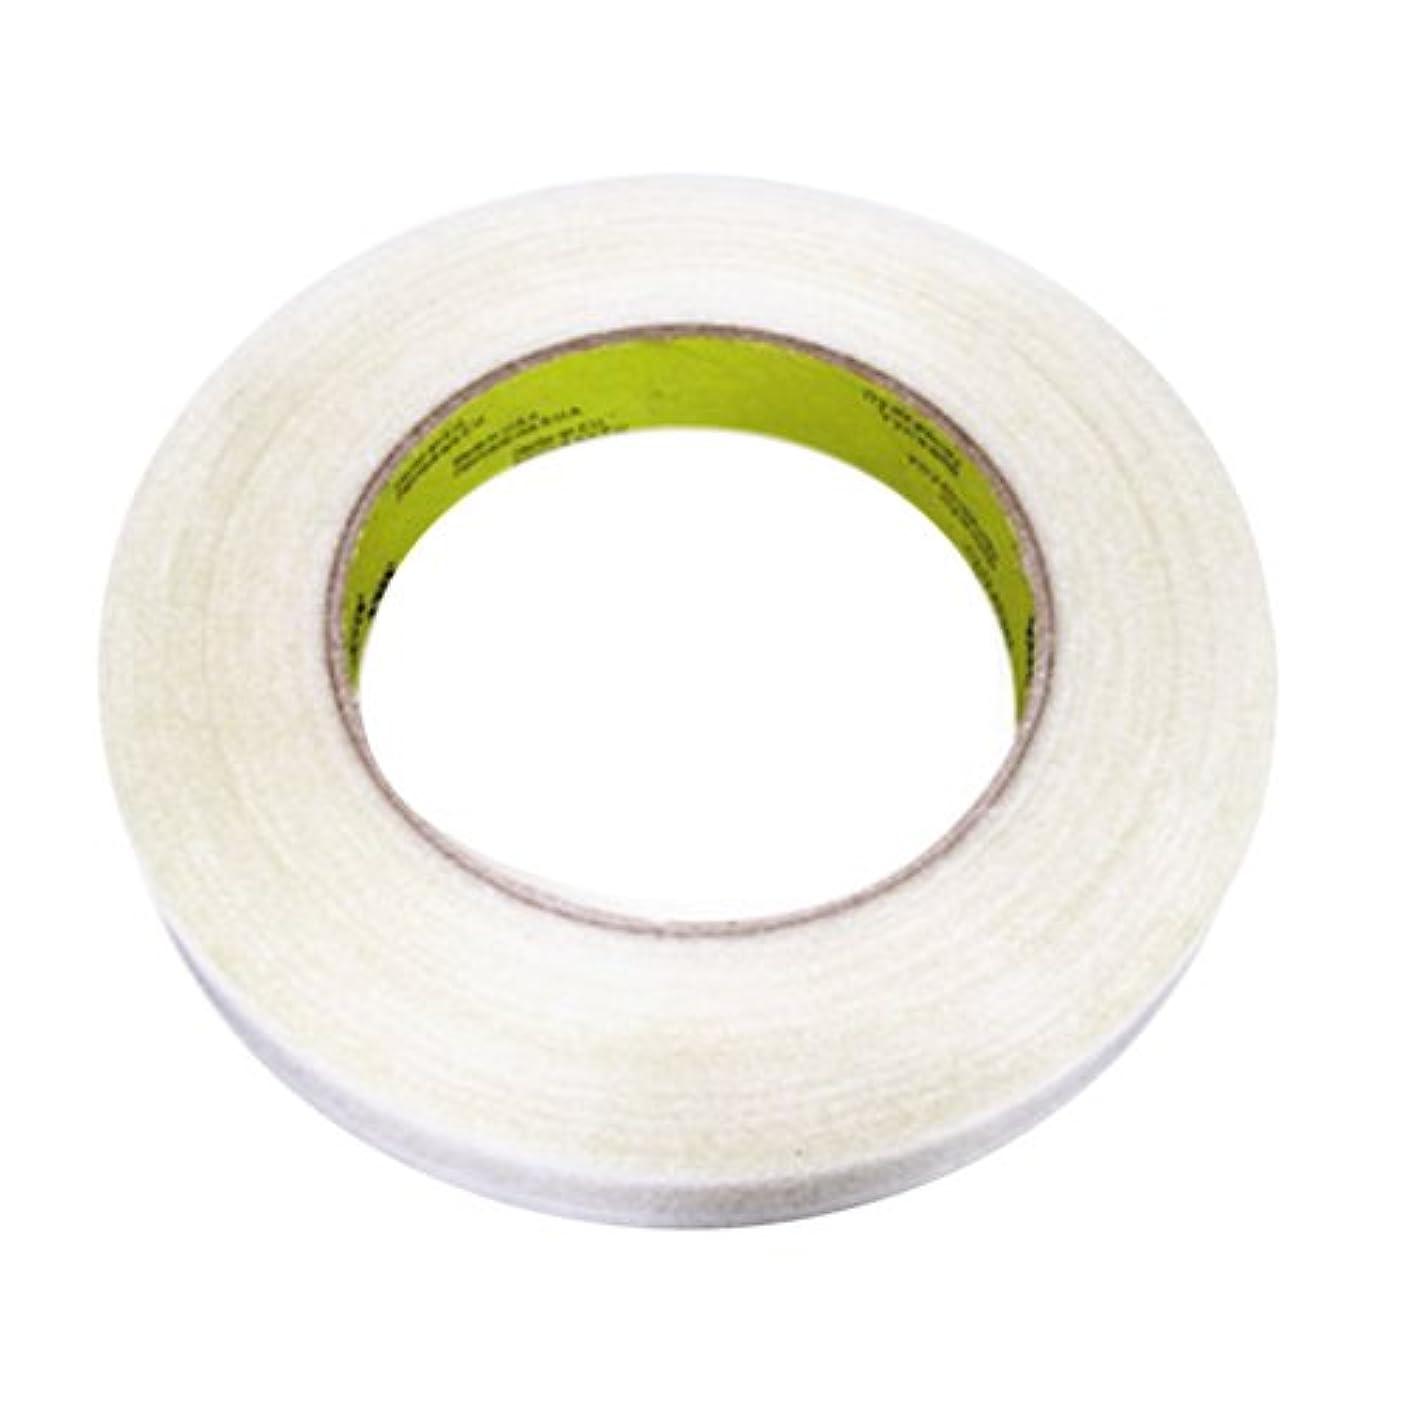 売上高電話小麦【 マスキングゾル改 】 20ml 仕上げ材 cmM133/ 液体マスキング材 ( 水溶性 )乾燥後、カットすることが可能です。乾燥後も水に溶けます。 Mr.ホビー